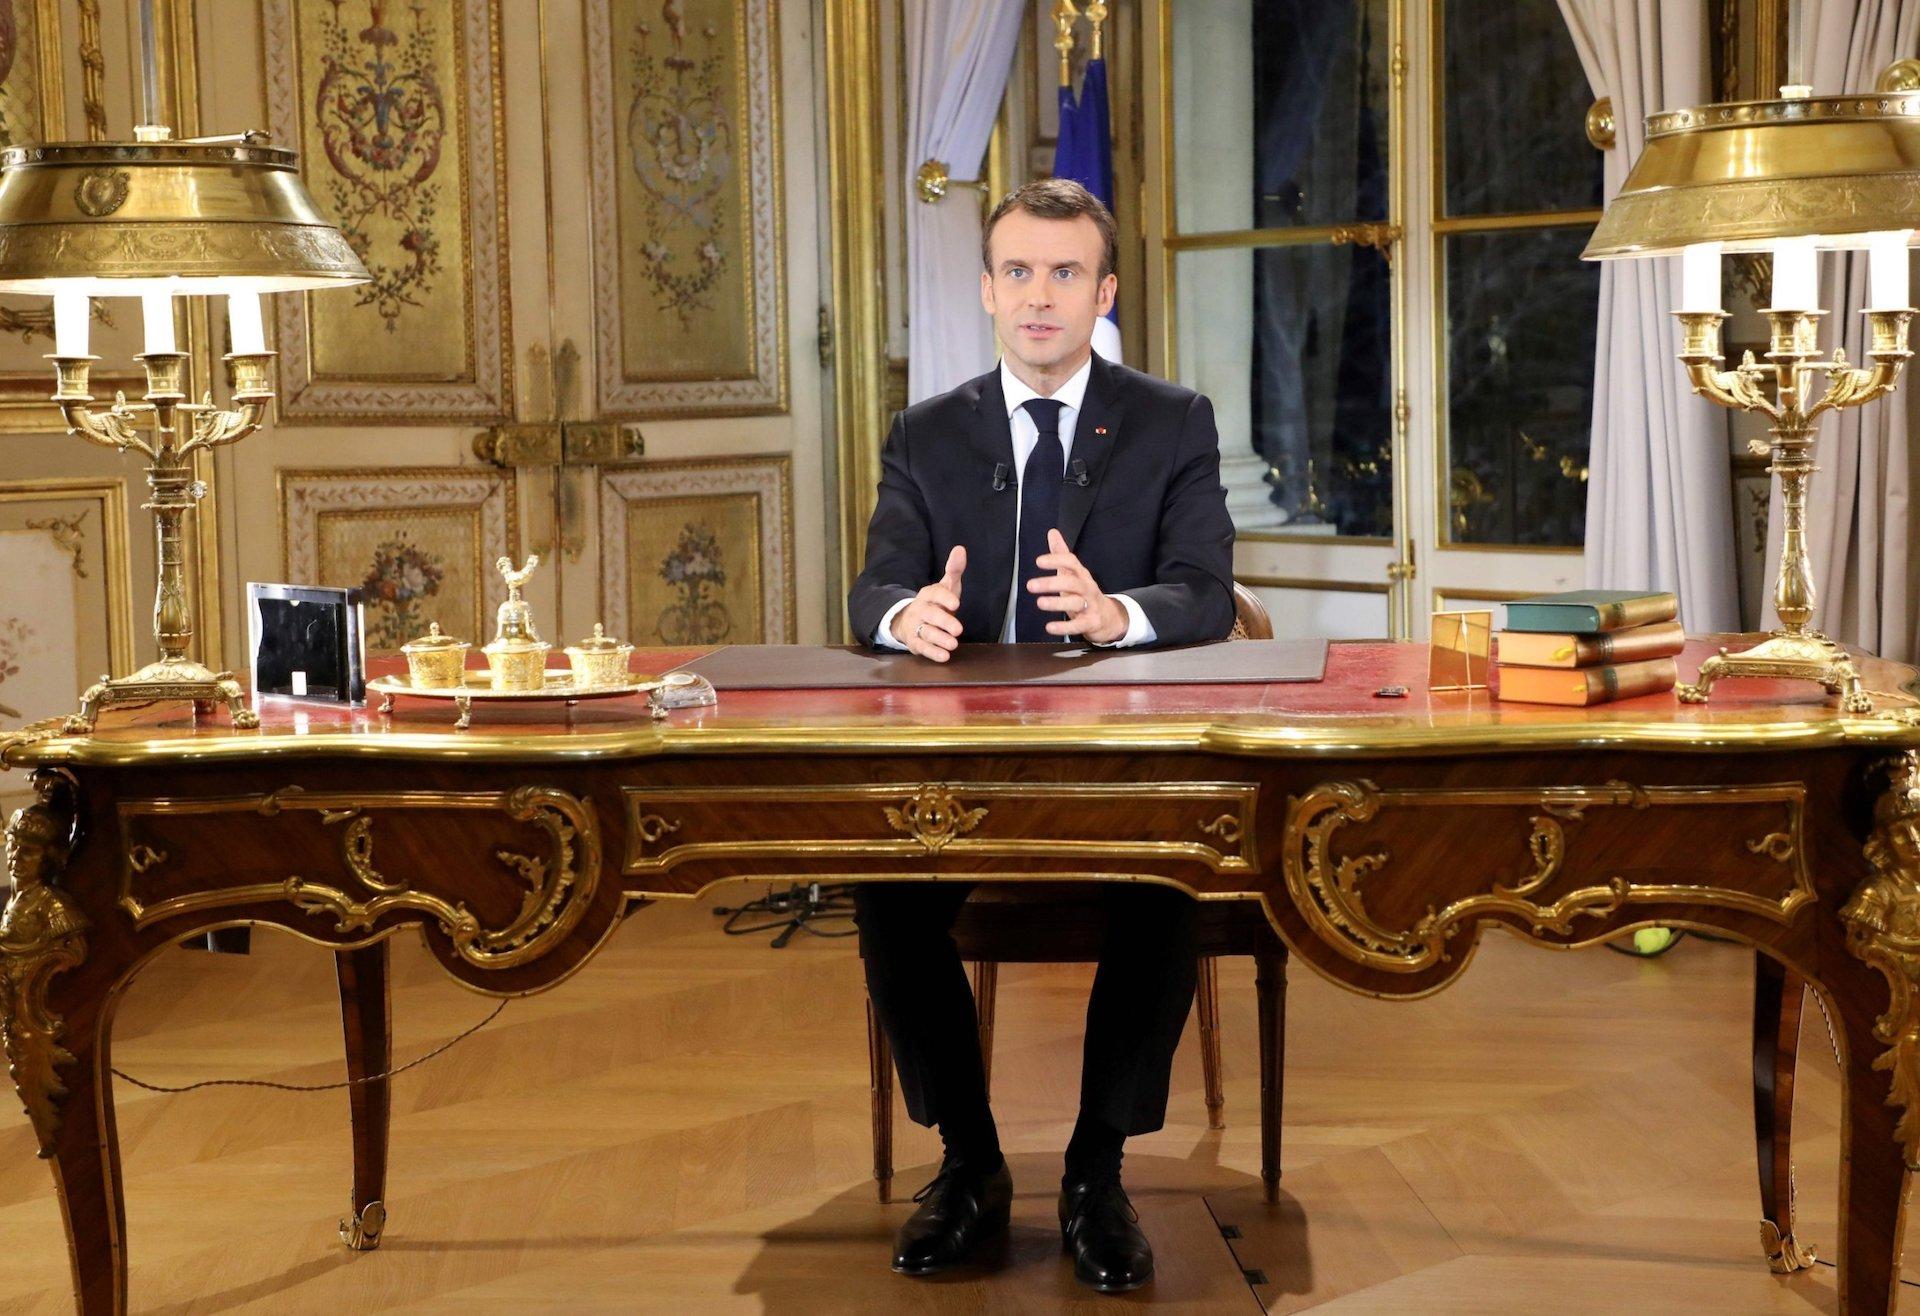 Ο Δημοσθένης Δαββέτας σημειώνει ότι το διάγγελμα Μακρόν σηματοδότησε μια στροφή του Γάλλου Προέδρου. Μια προσπάθεια να κερδίσει τον γαλλικό λαό από τα κίτρινα γιλέκα που συμπληρώθηκαν τώρα και από τα πράσινα γιλέκα. Θα τα καταφέρει. Οι Ευρωεκλογές θα είναι το πρώτο απτό δείγμα. new deal